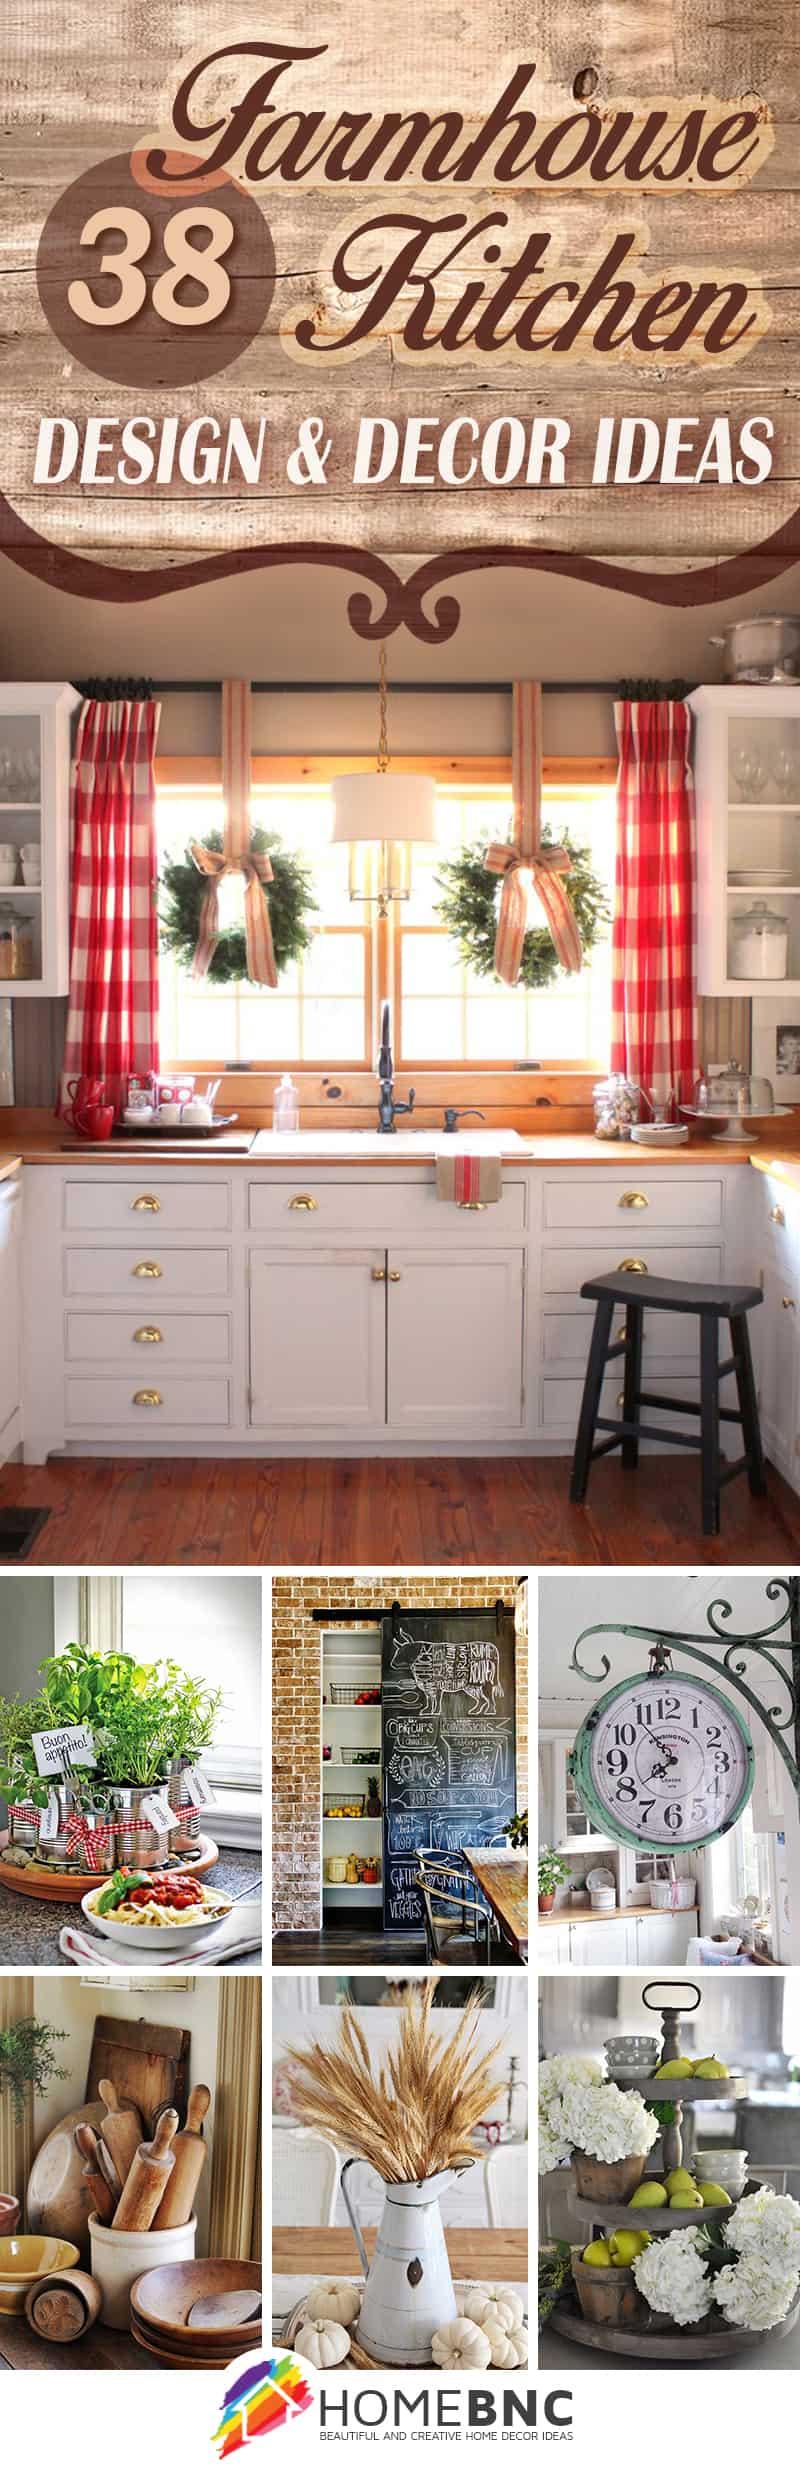 200+ Creative Farmhouse Decor Ideas For A Cozy Home | So Simple Ideas